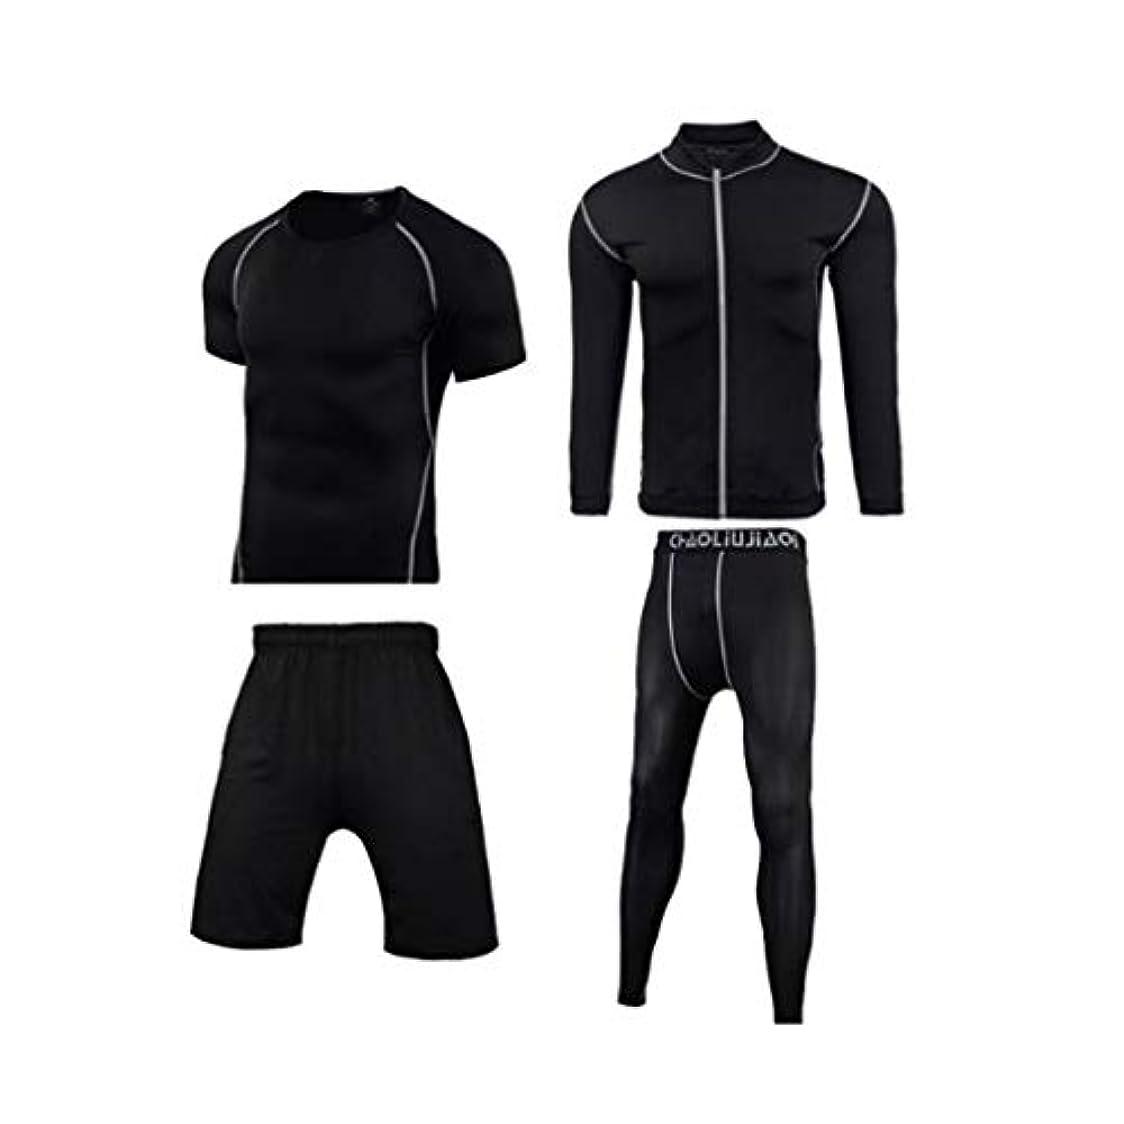 スカープ製油所ジャケット男性用フィットネスウェアフィットネスセットタイツランニングスポーツウェアスポーツセット (Color : 2, Size : XL)